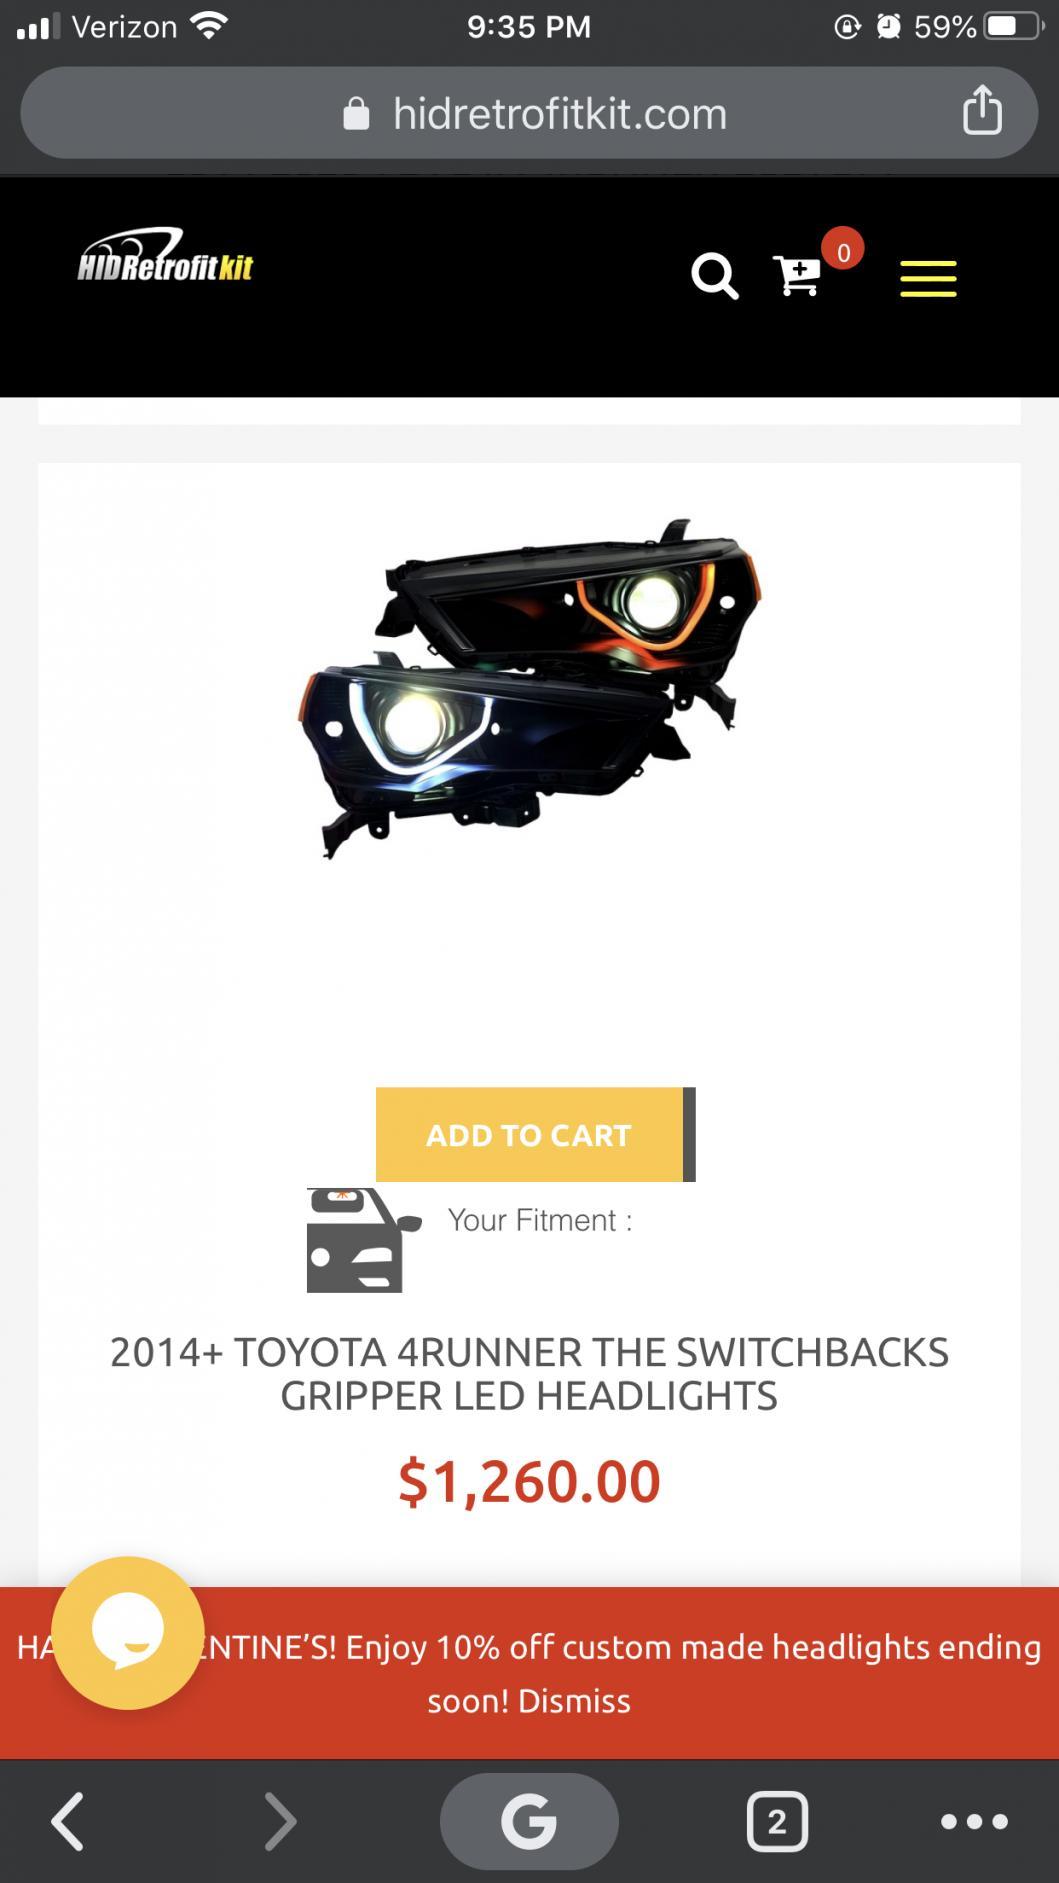 5th Gen Toyota 4Runner Led Headlights Mod-eacf952b-da5a-4fb2-b4ac-d7722d470243-jpg